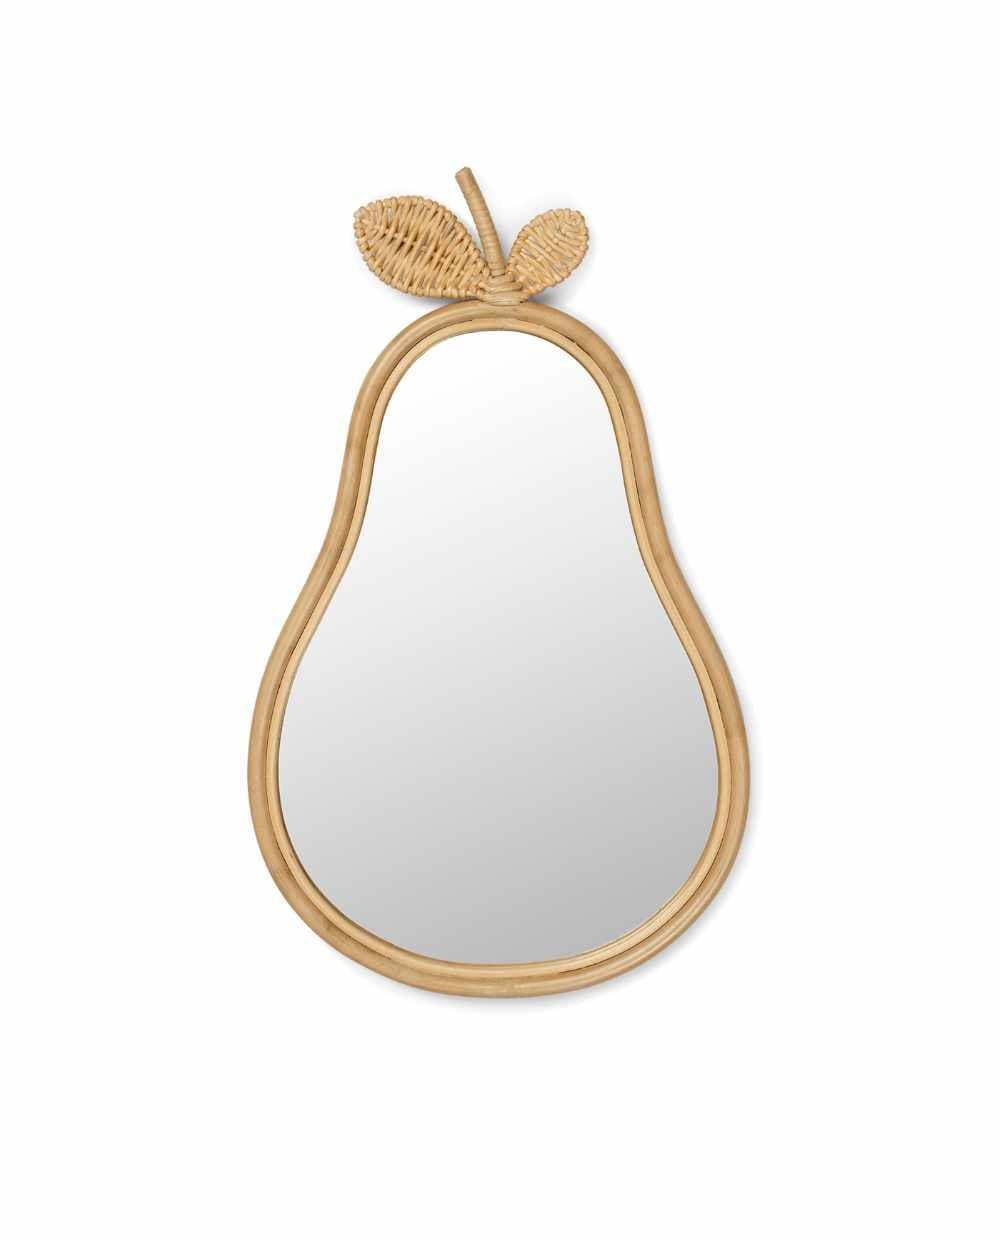 ferm Living pear mirror 01